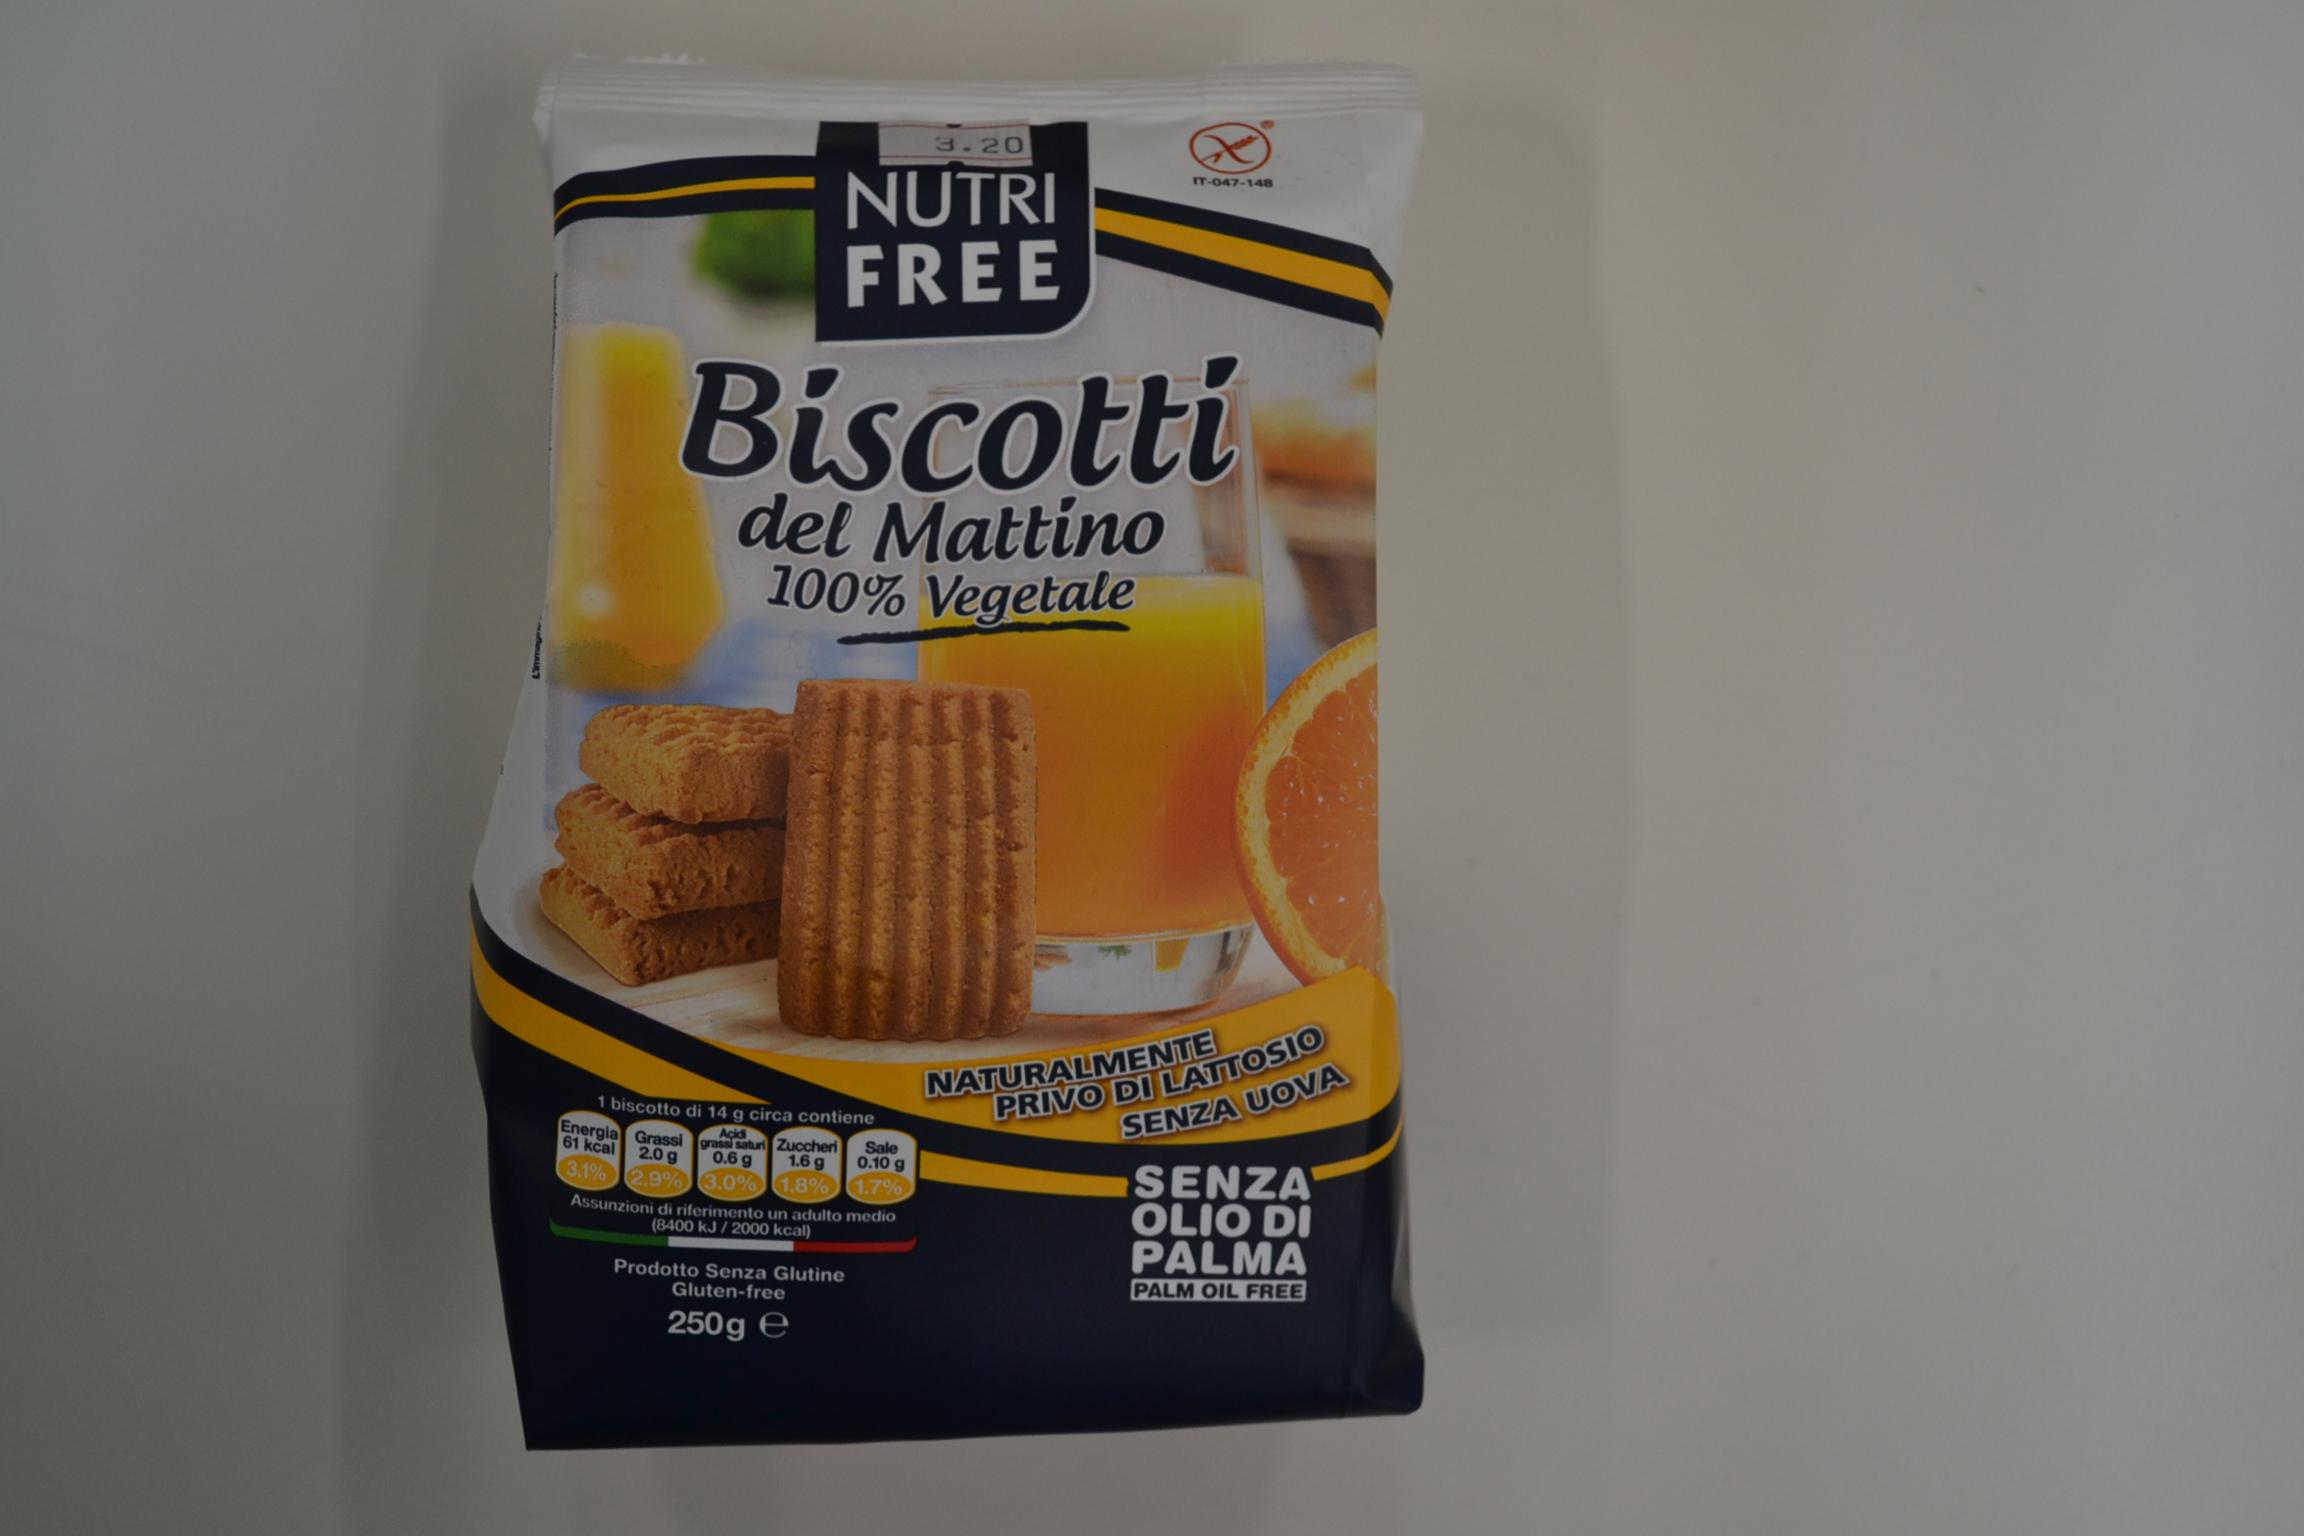 Biscotti del mattino NUTRI FREE